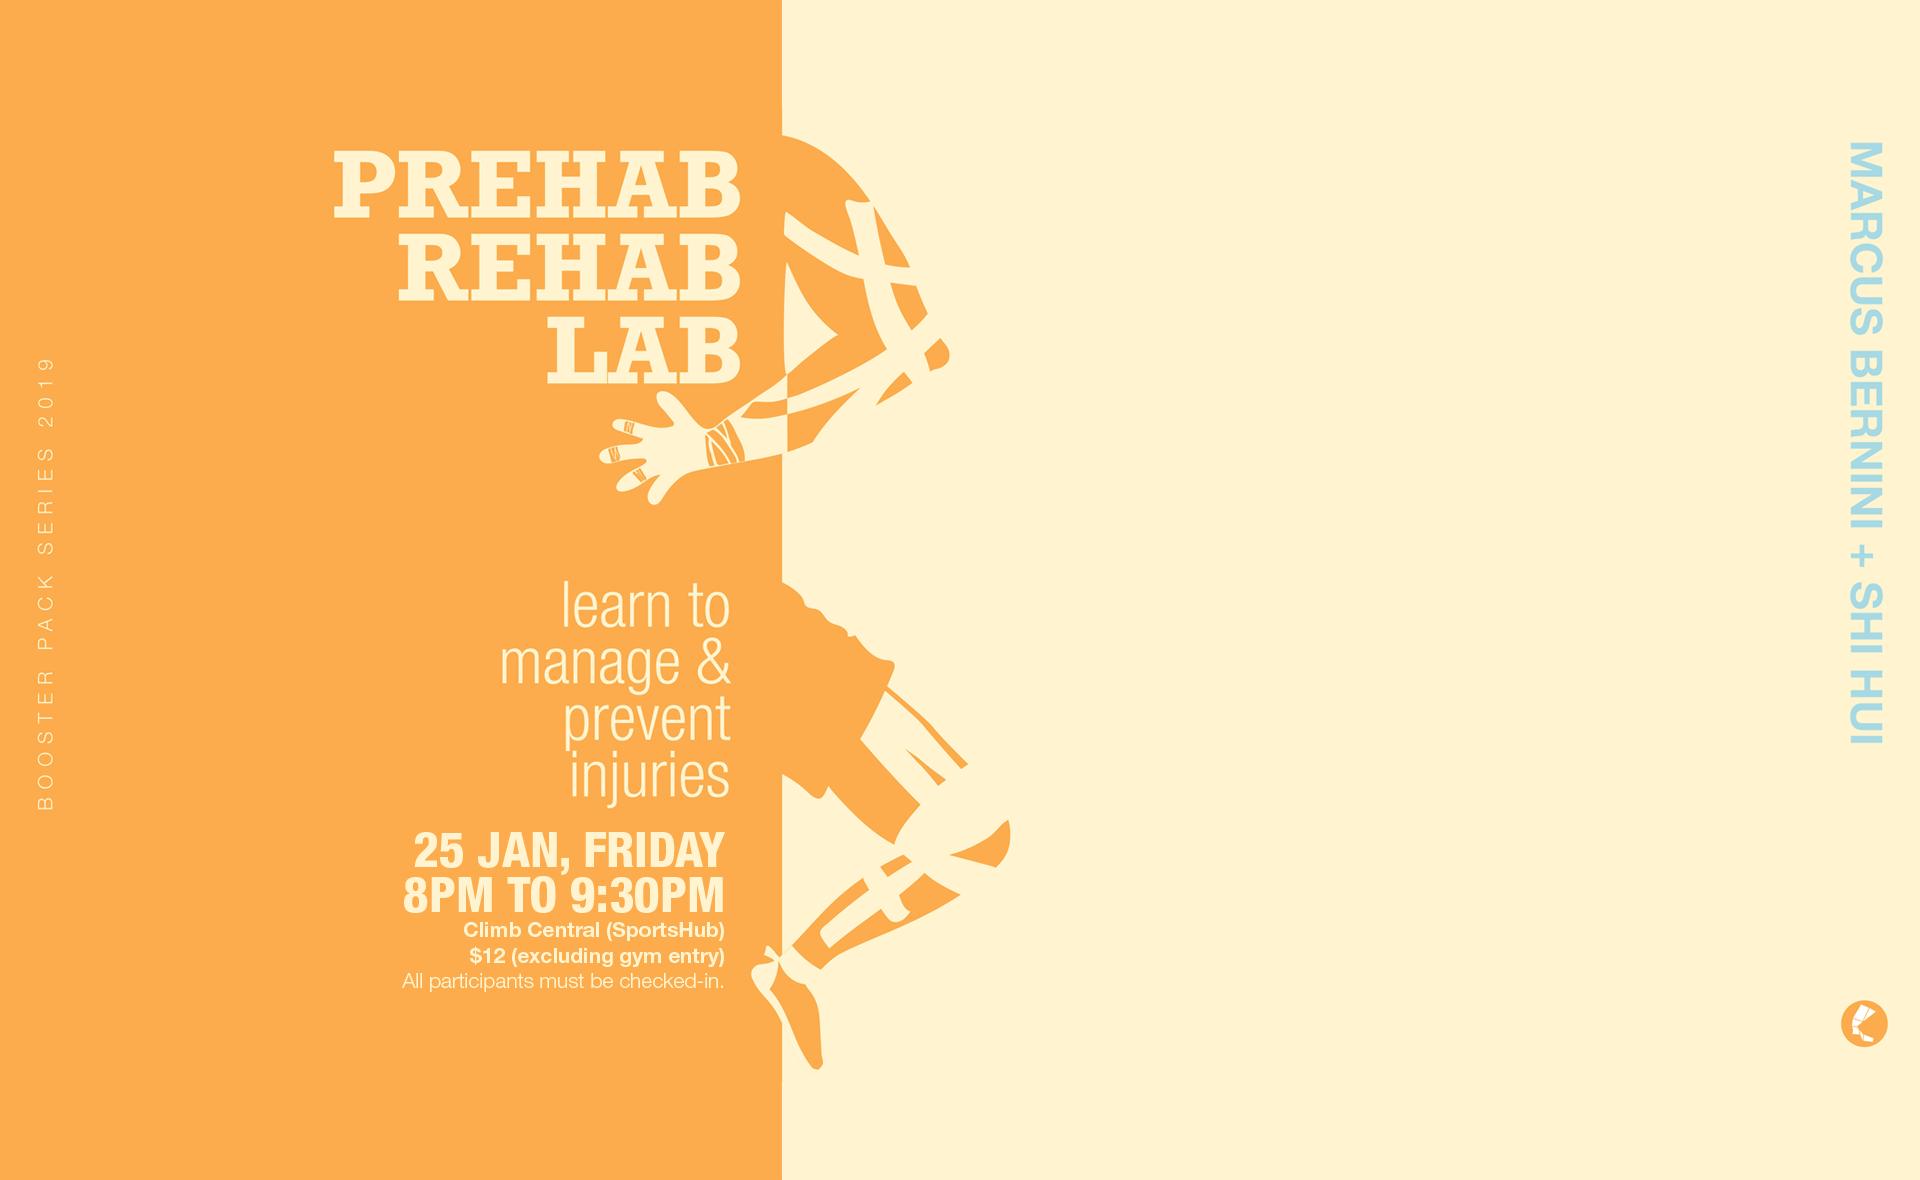 Prehab Rehab Lab_banner.png